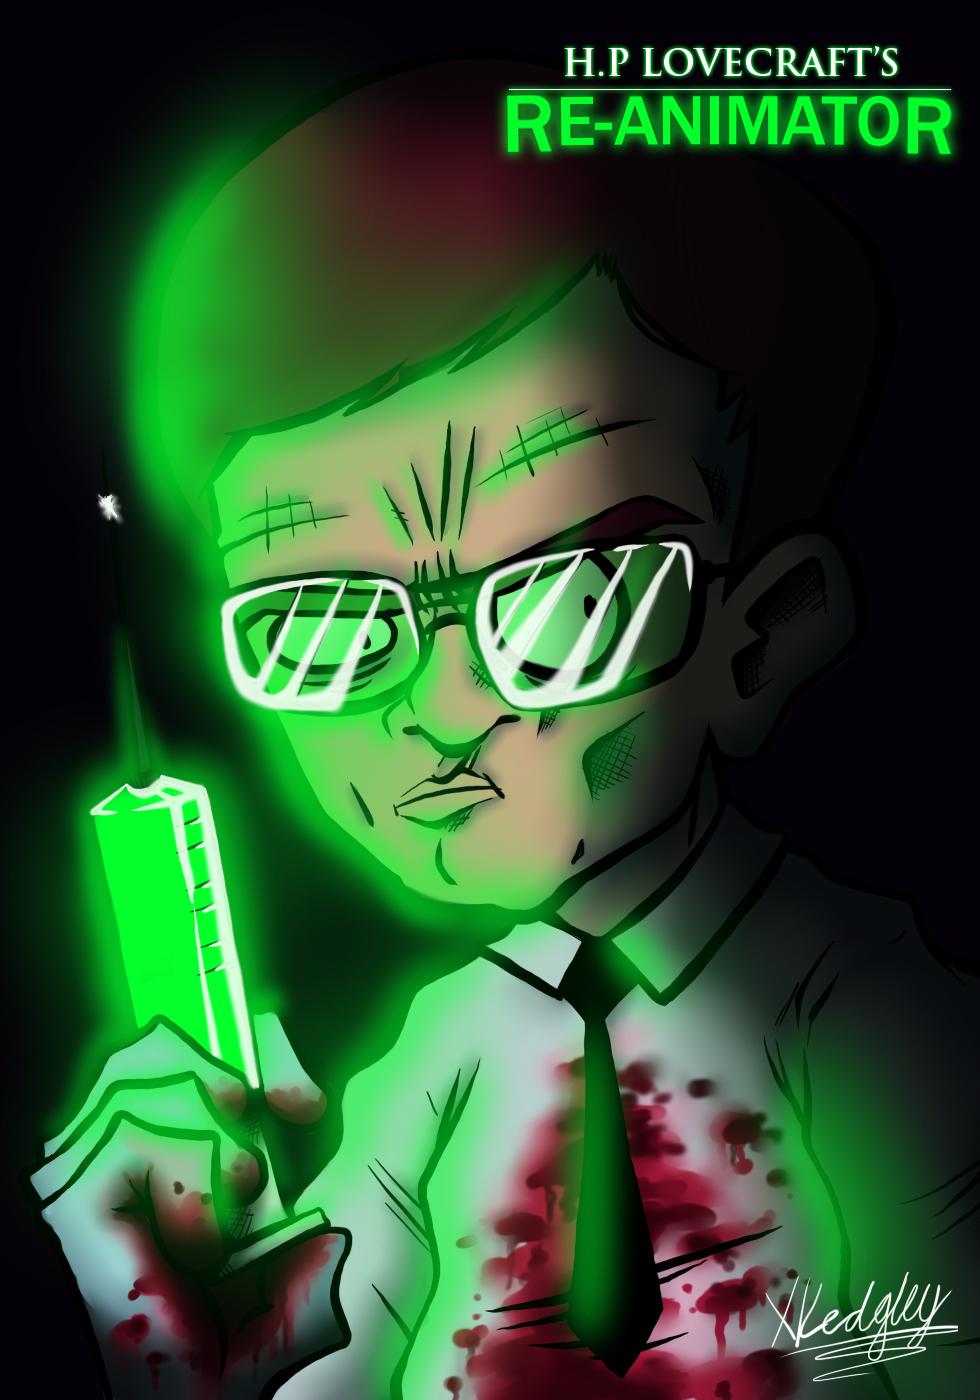 Dr Herbert West (Re-Animator)